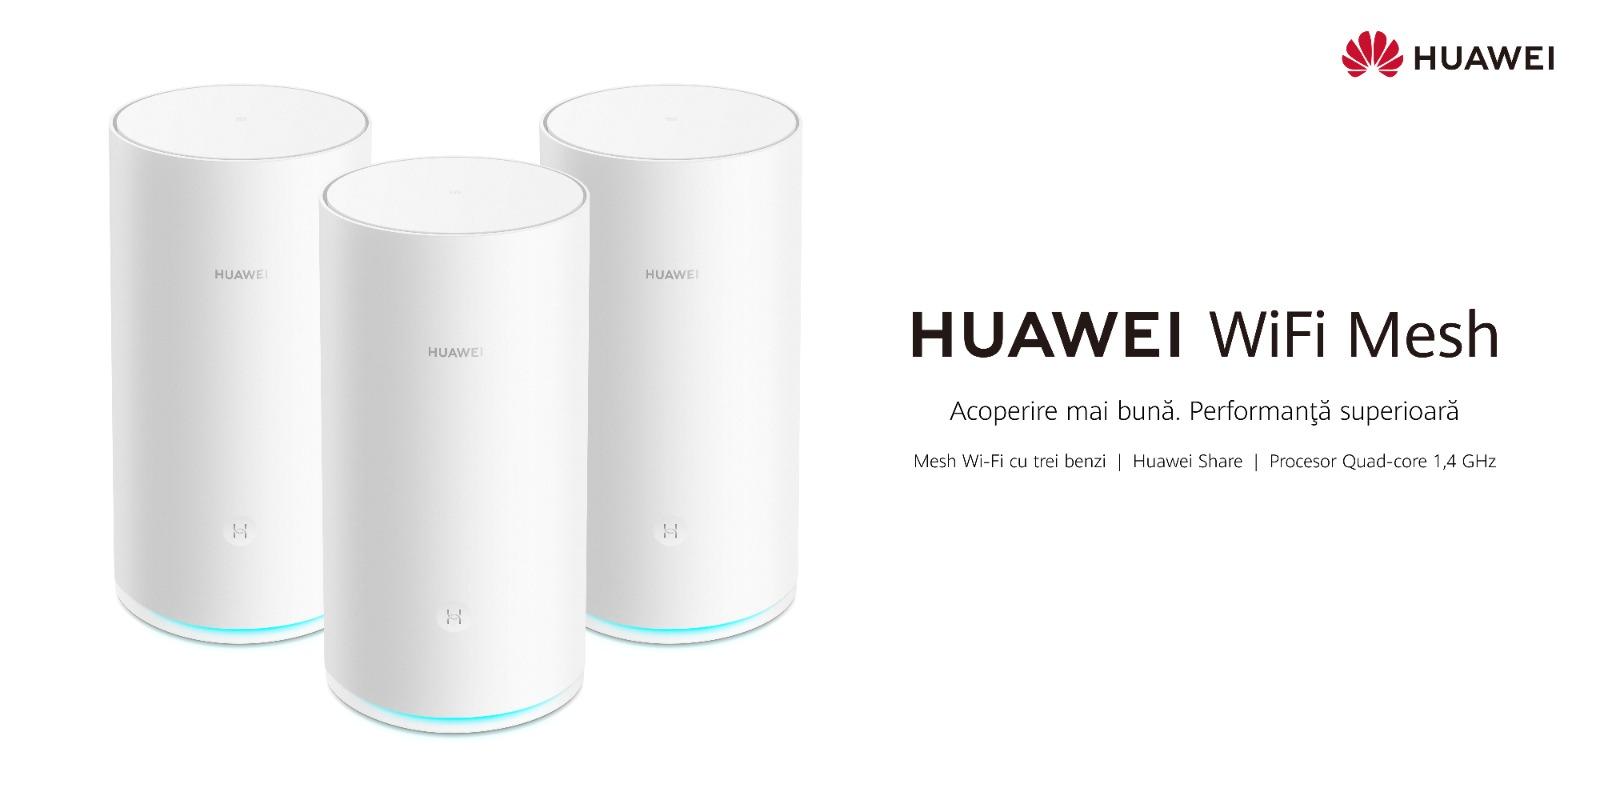 Huawei WiFi Mesh: Conexiuni WiFi rapide și stabile în fiecare colț al casei